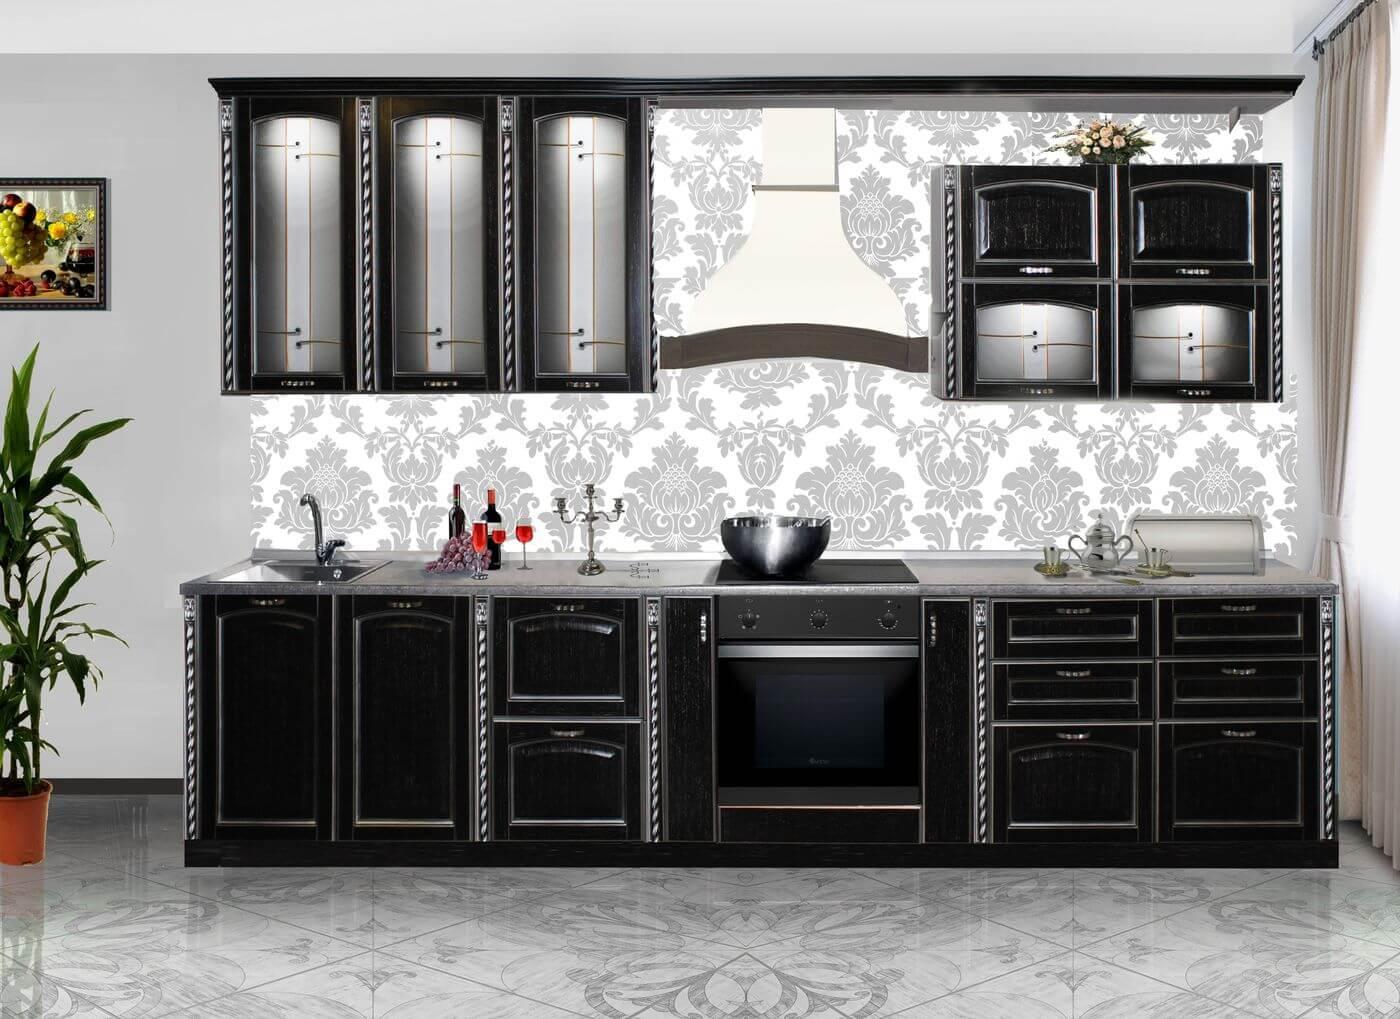 стоимость кухонного гарнитура